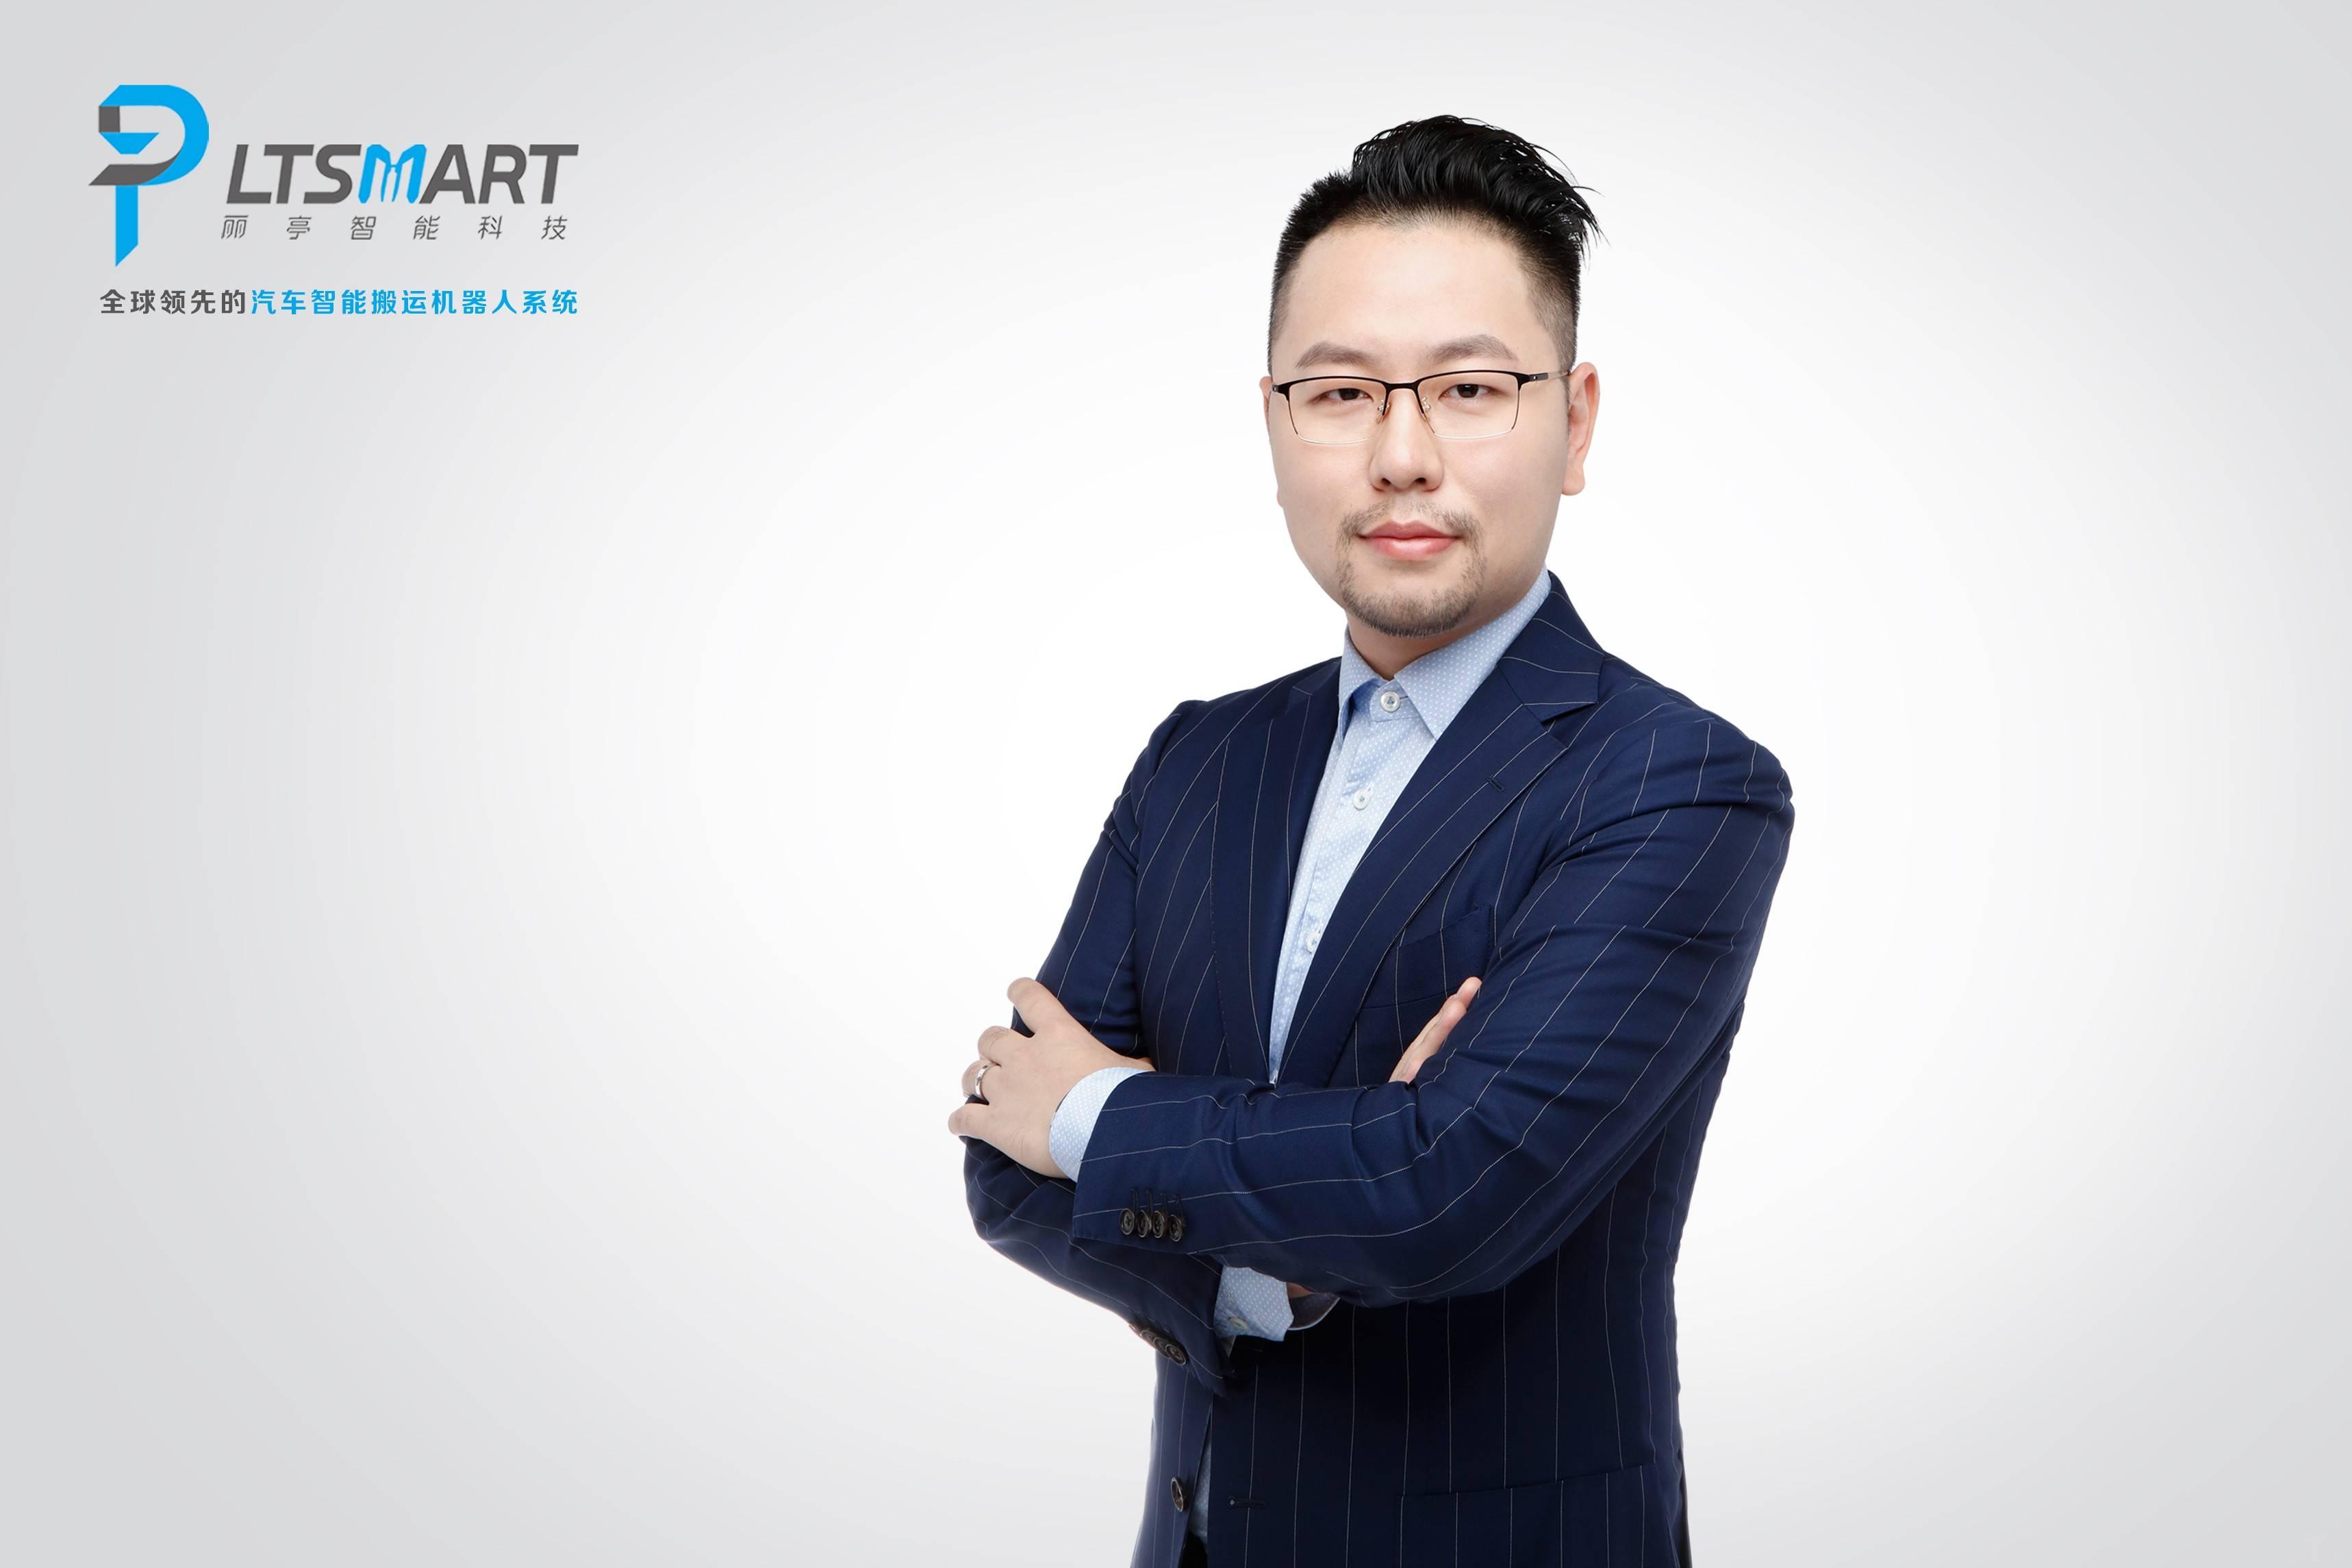 丽亭智能CEO姜钧:机器人黑科技,颠覆传统停车方式